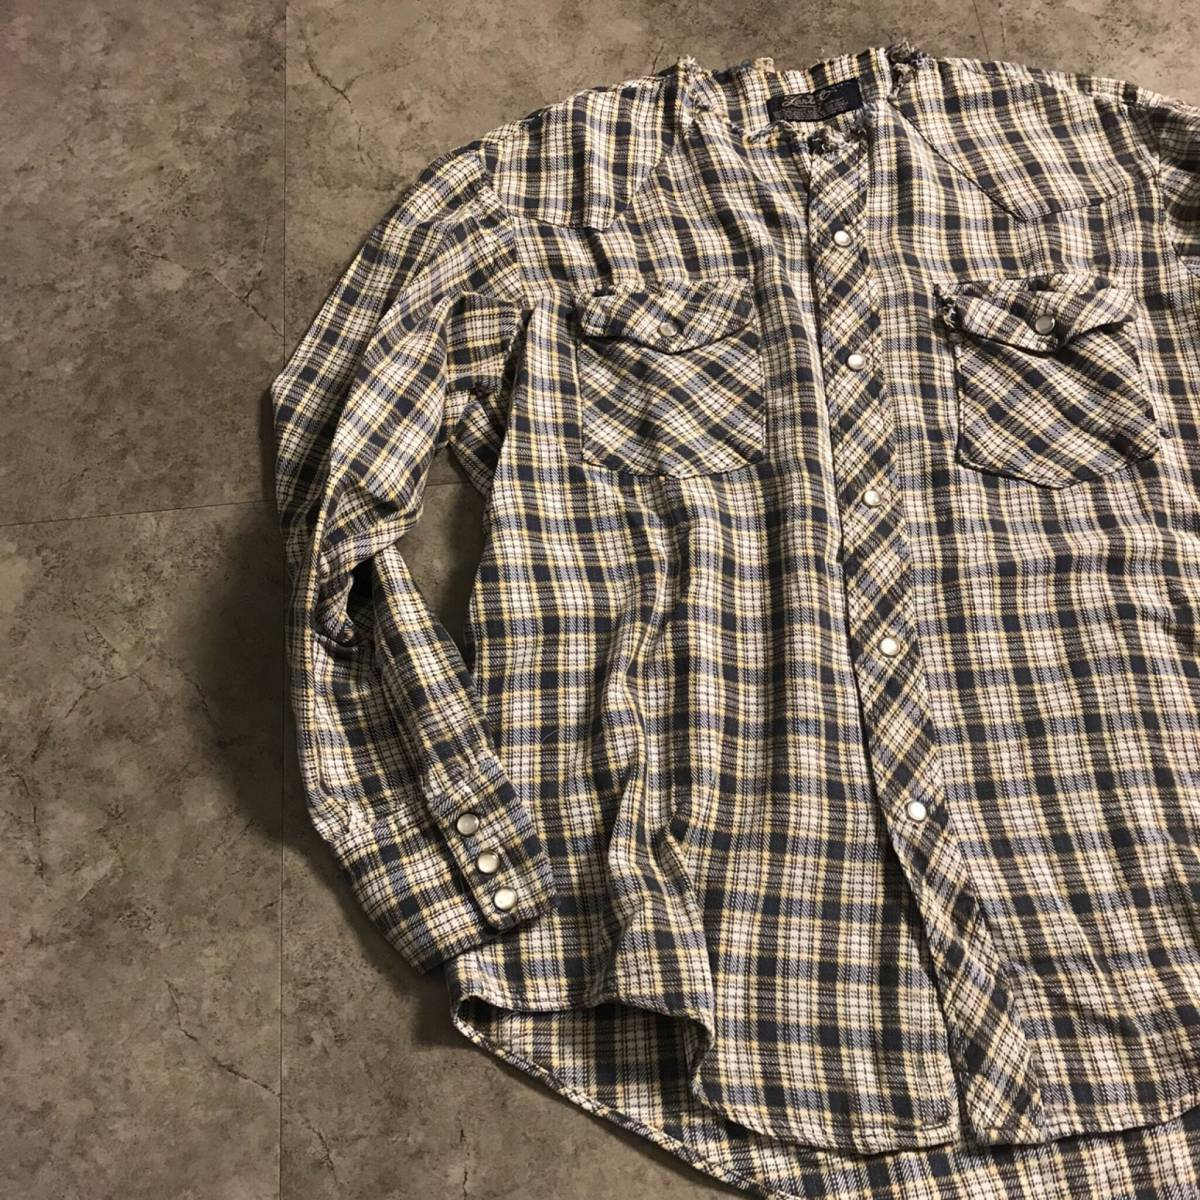 ★KT3595 スタイリスト厳選 人気のノーカラーシャツ ヴィンテージ Lantal 長袖 襟なし リメイク ウエスタンシャツ チェックシャツ M★_画像1